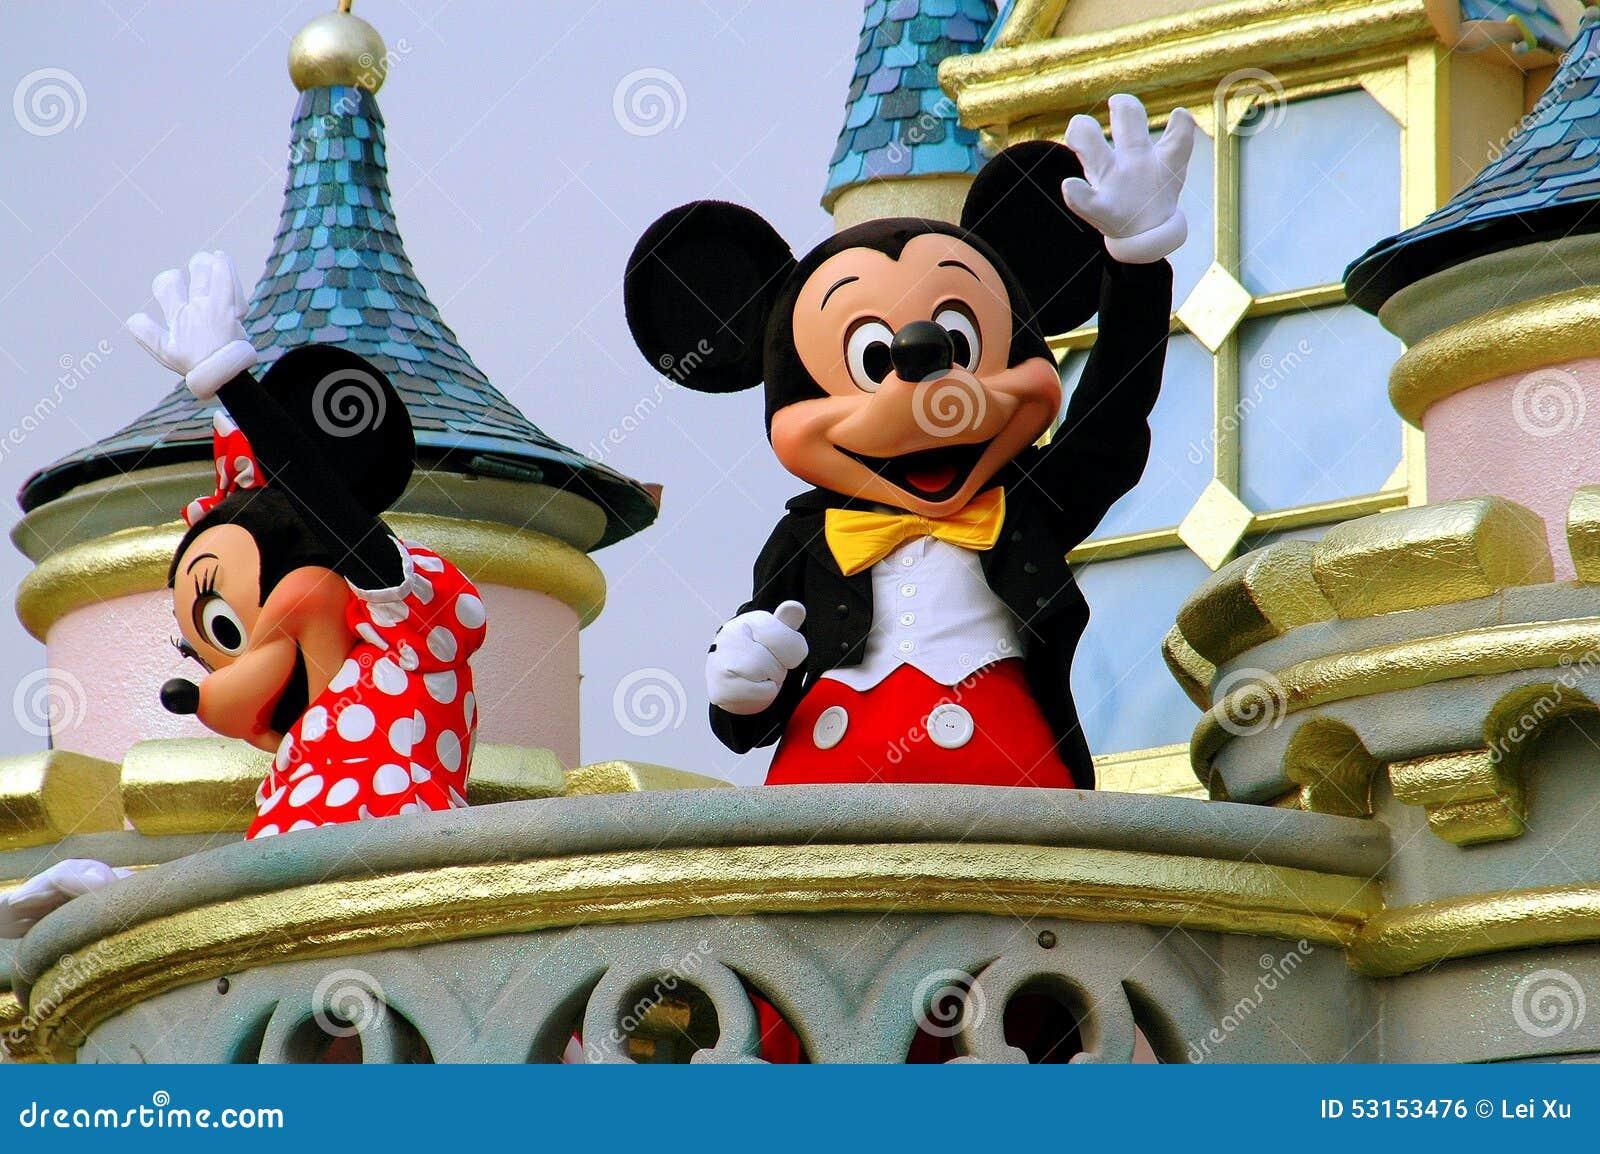 Hong Kong, China: Mickey en Minnie Mouse in Disneyland